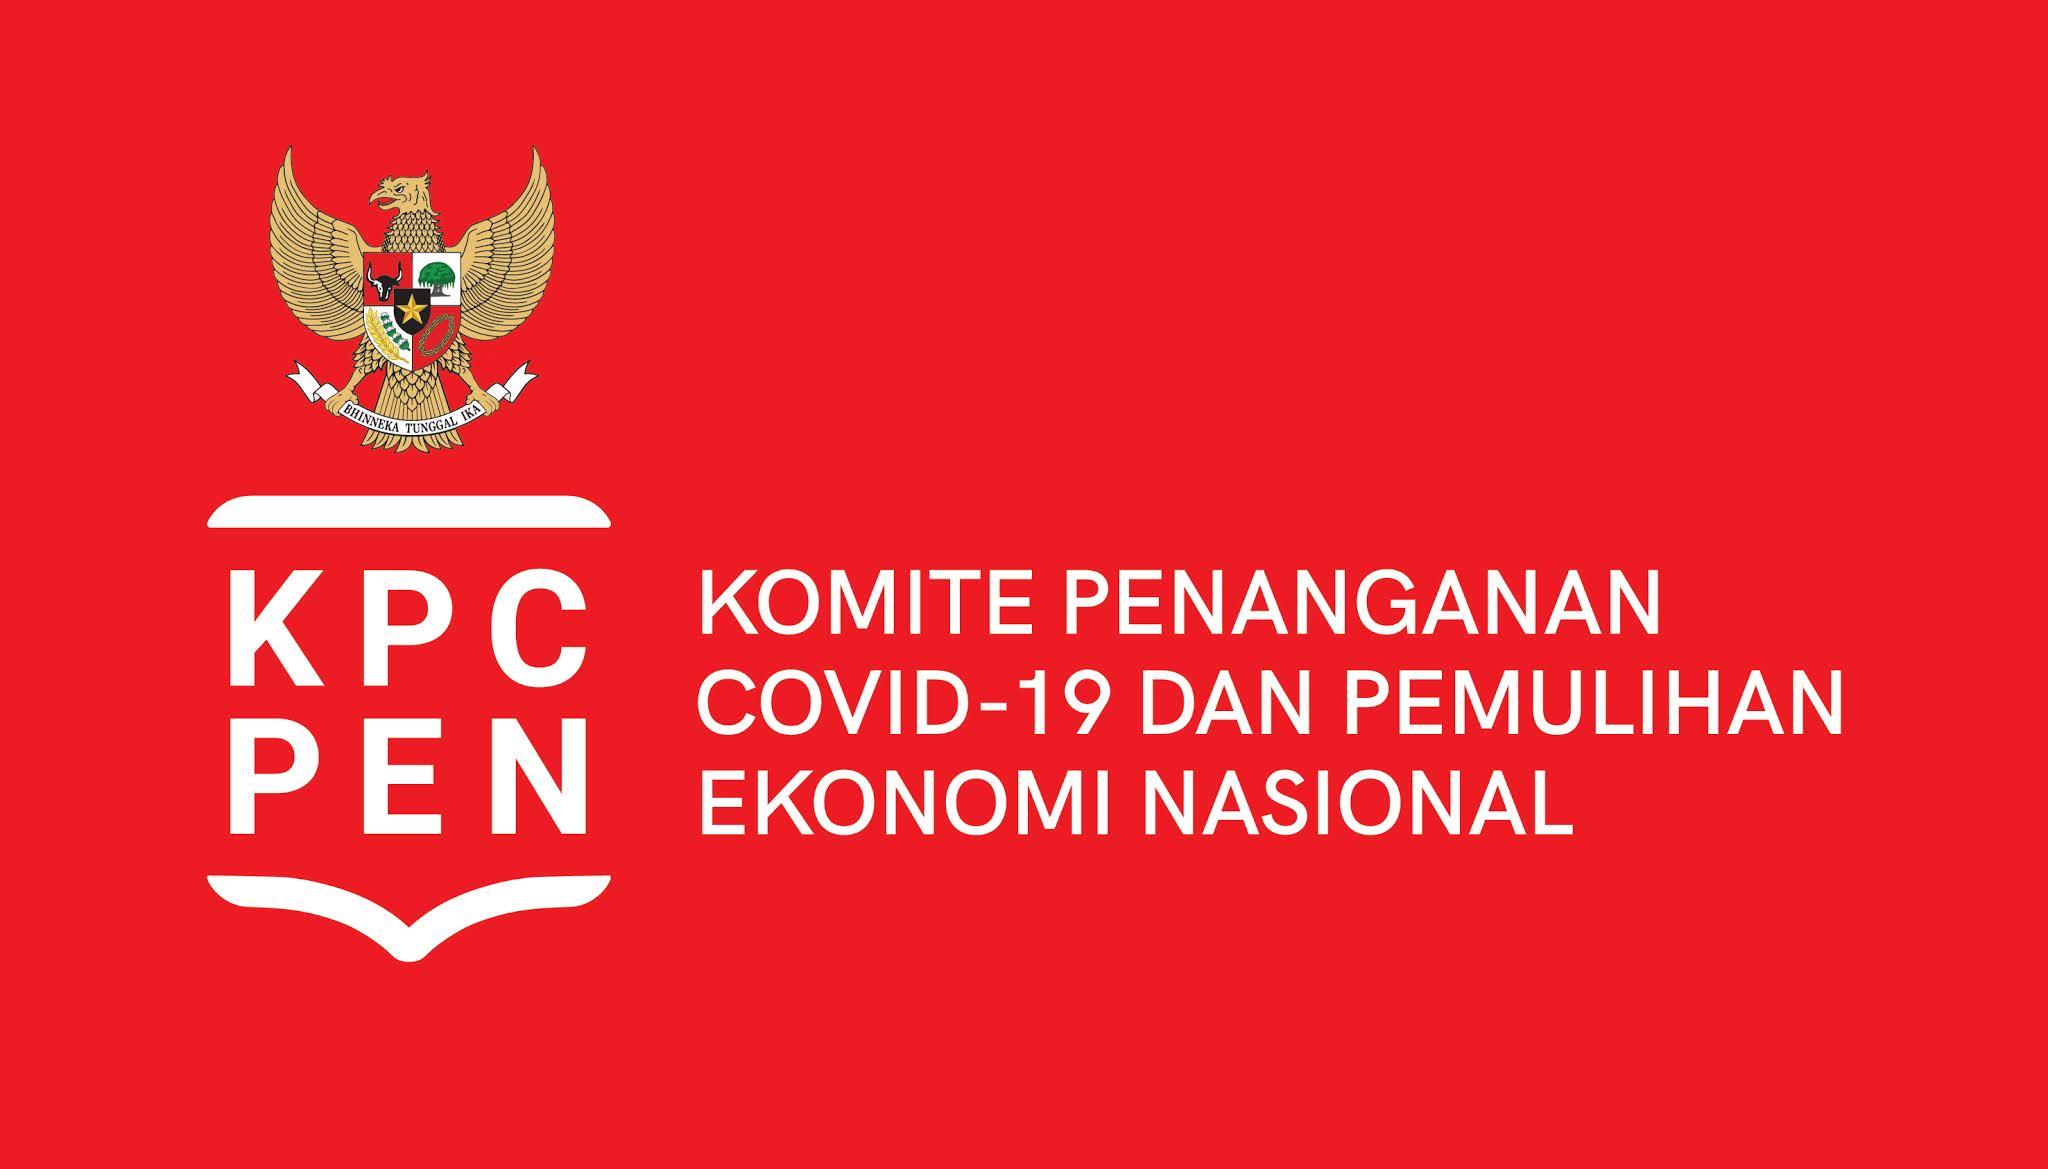 KPC PEN